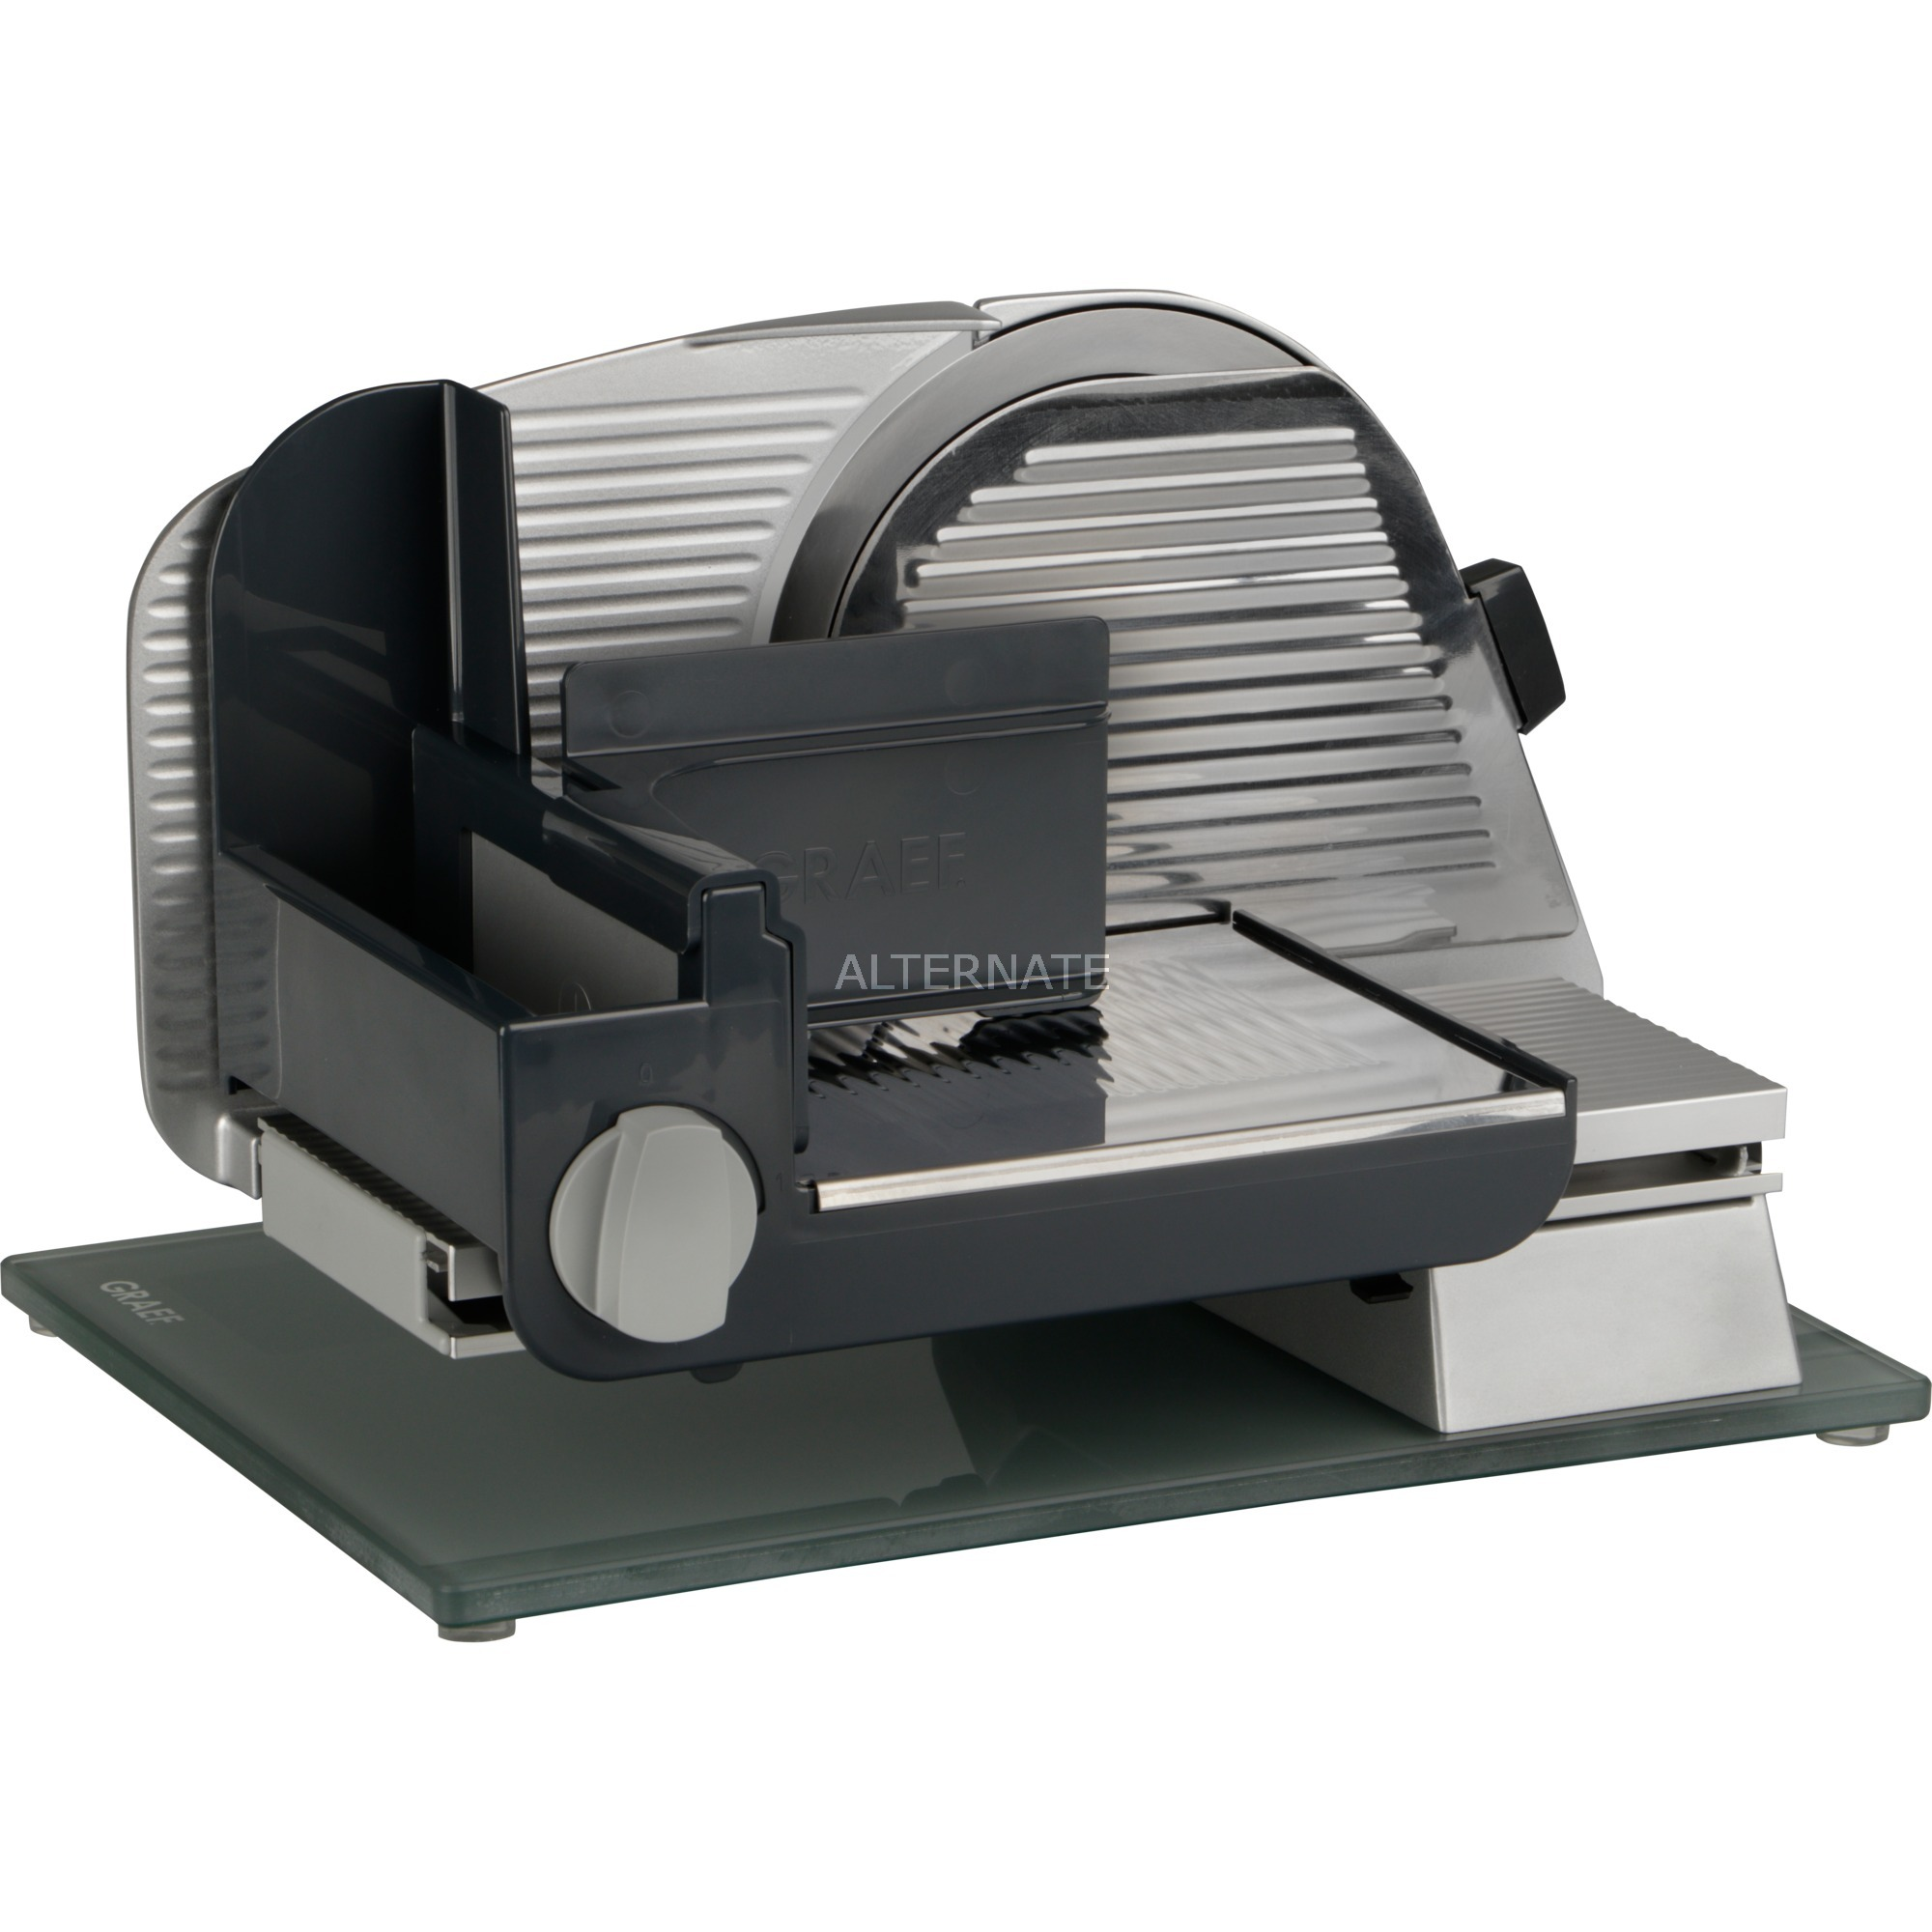 Master M 20 rebanadora Eléctrico Negro, Plata Vidrio, Metal, De plástico 170 W, Cortatodo